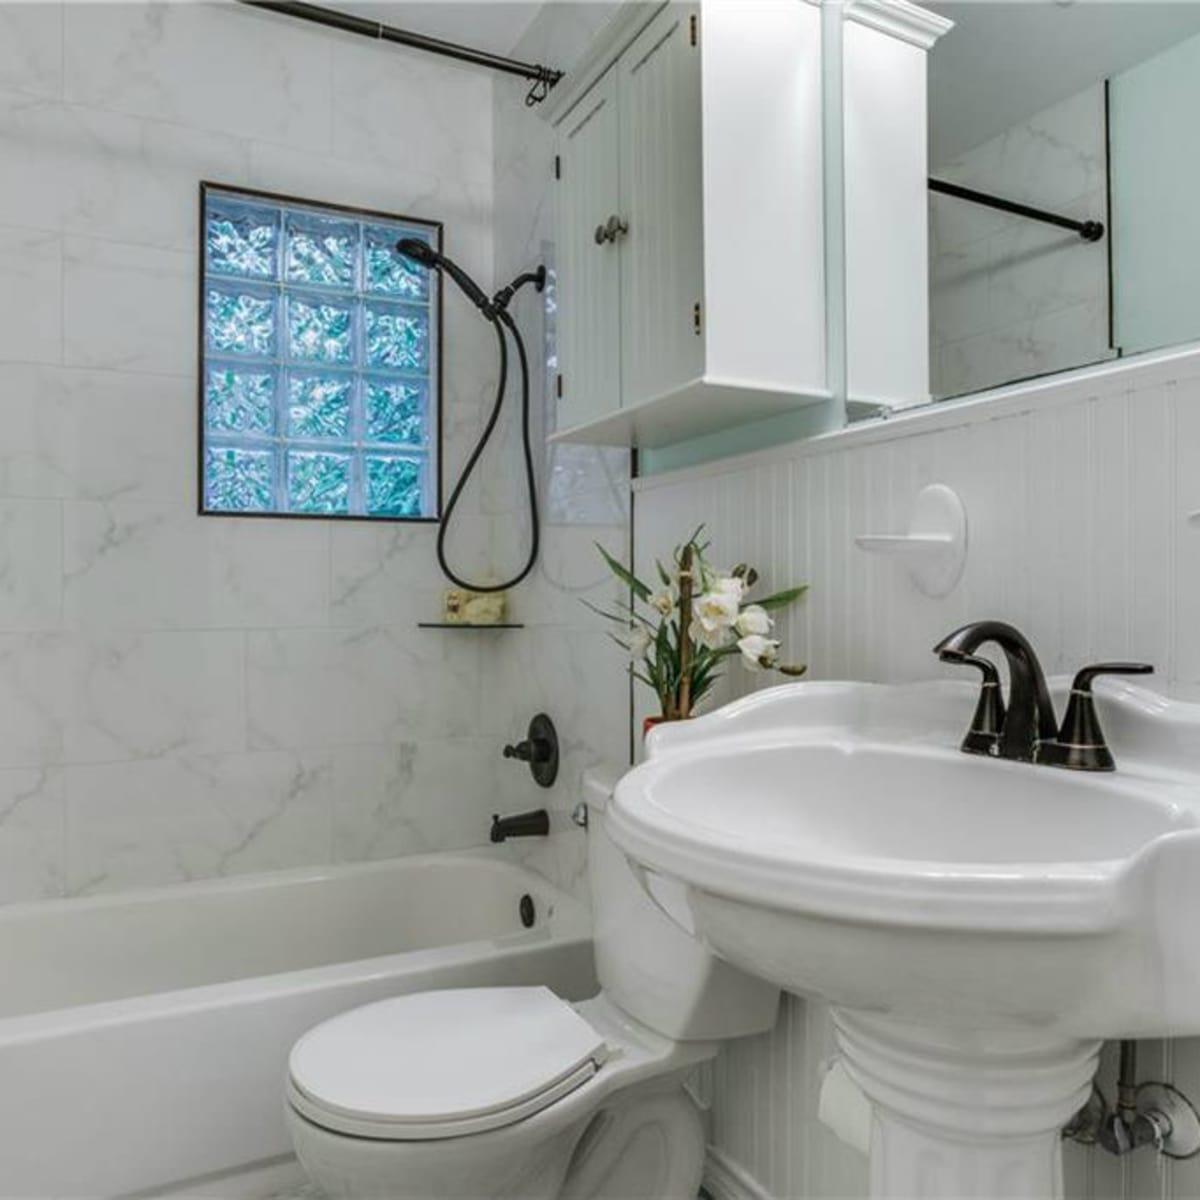 Bathroom at 11207 Sinclair Ave in Dallas